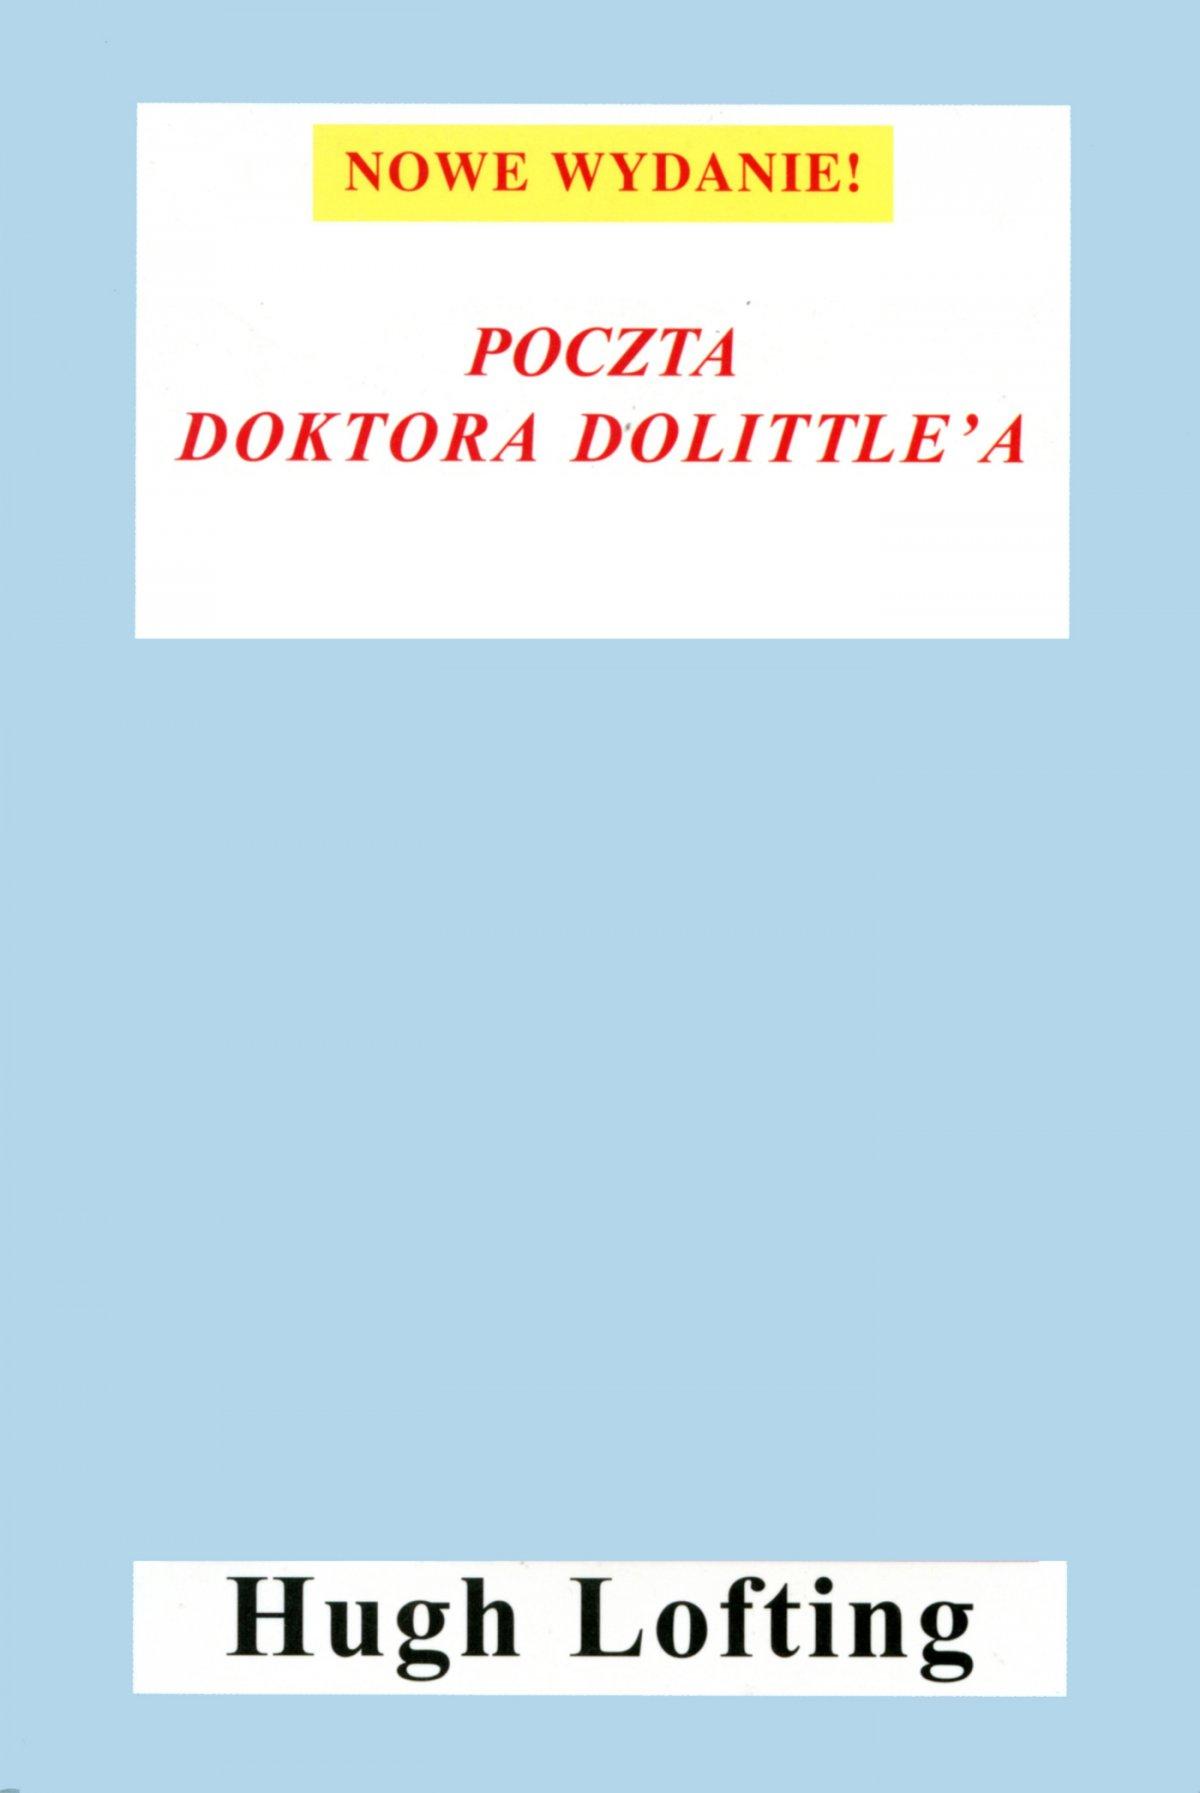 Poczta Doktora Dolittle'a - Ebook (Książka EPUB) do pobrania w formacie EPUB